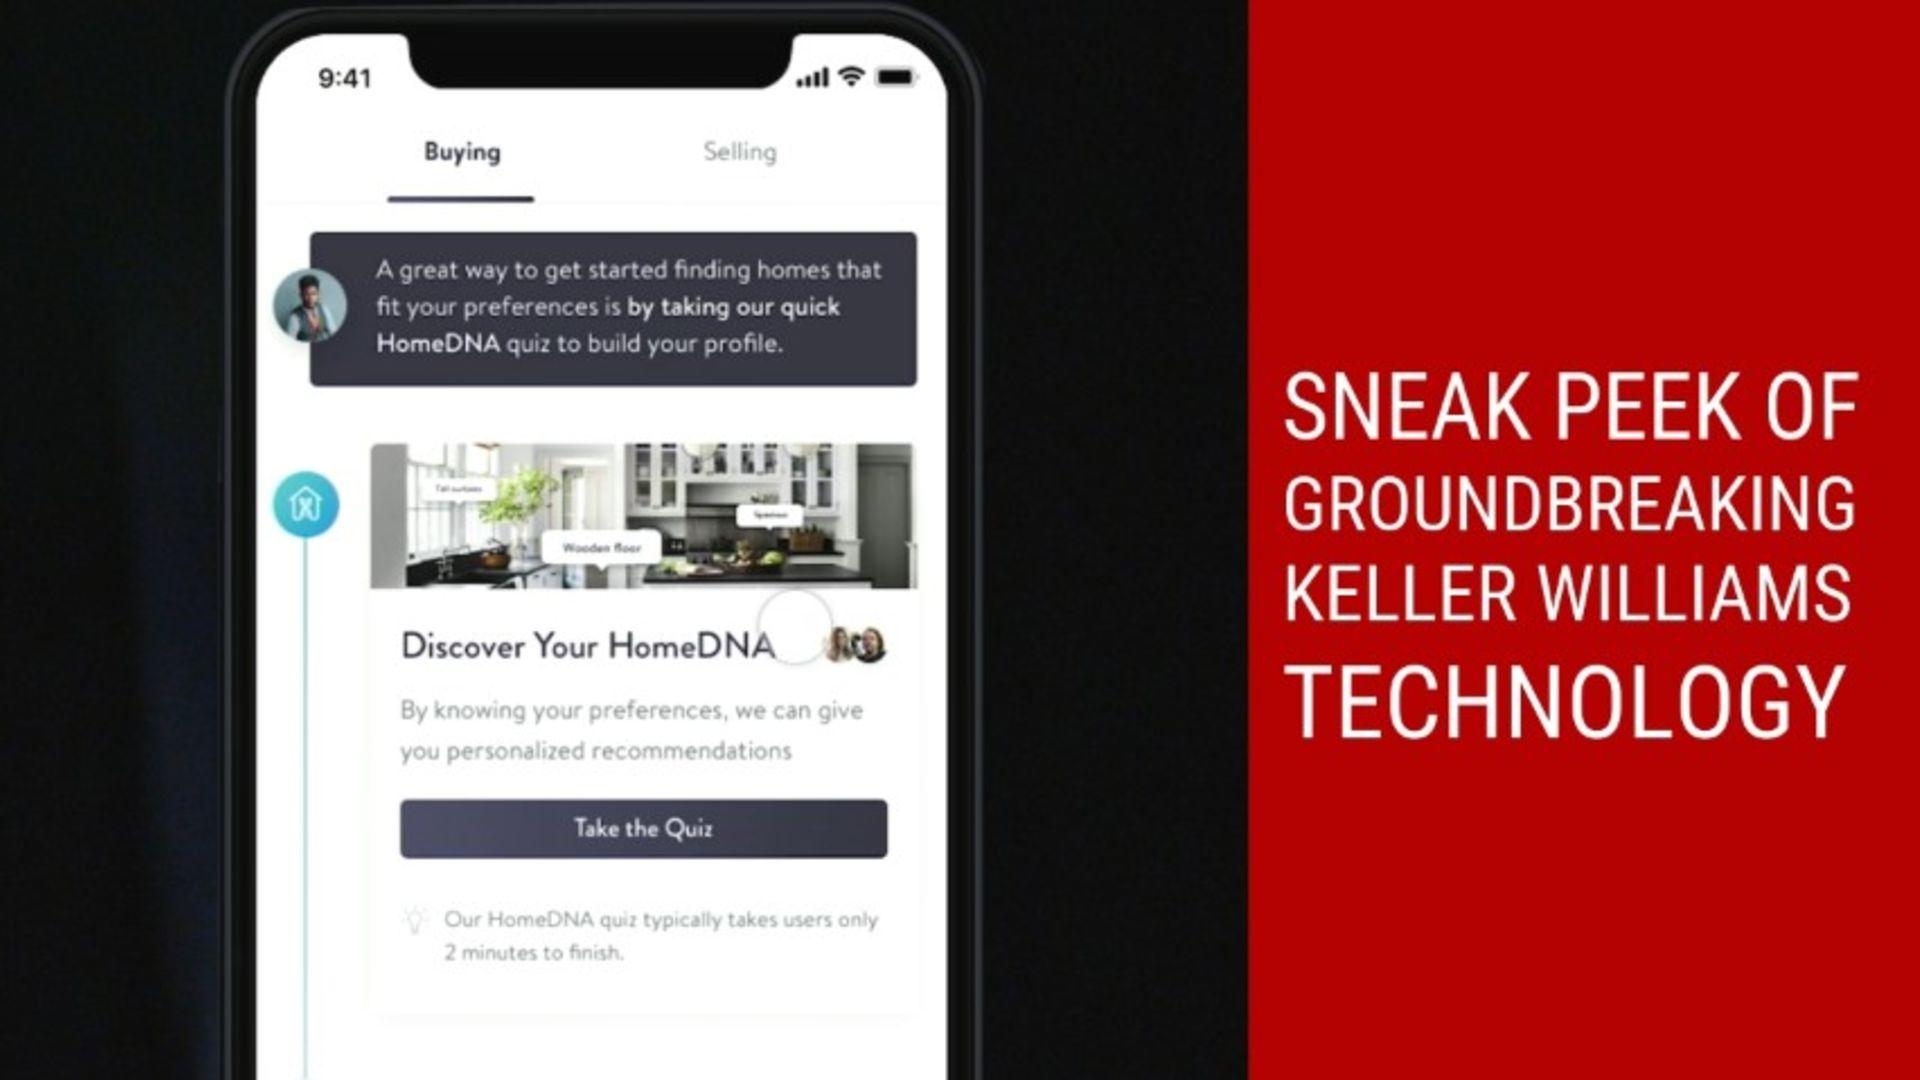 Sneak peek of groundbreaking Keller Williams technology KW App